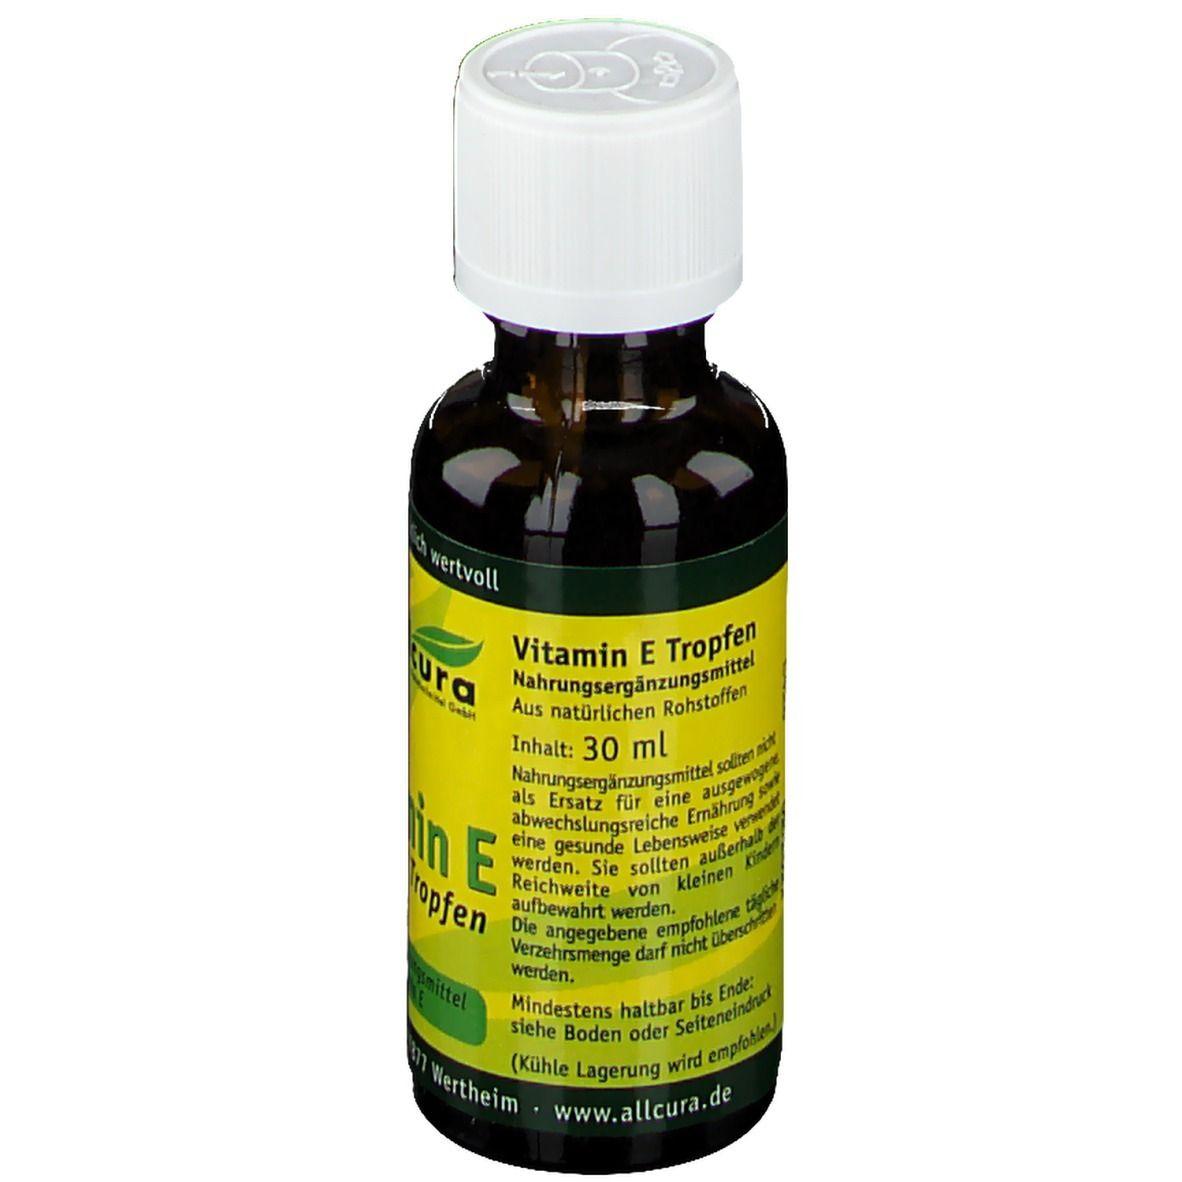 allcura Vitamin E Tropfen